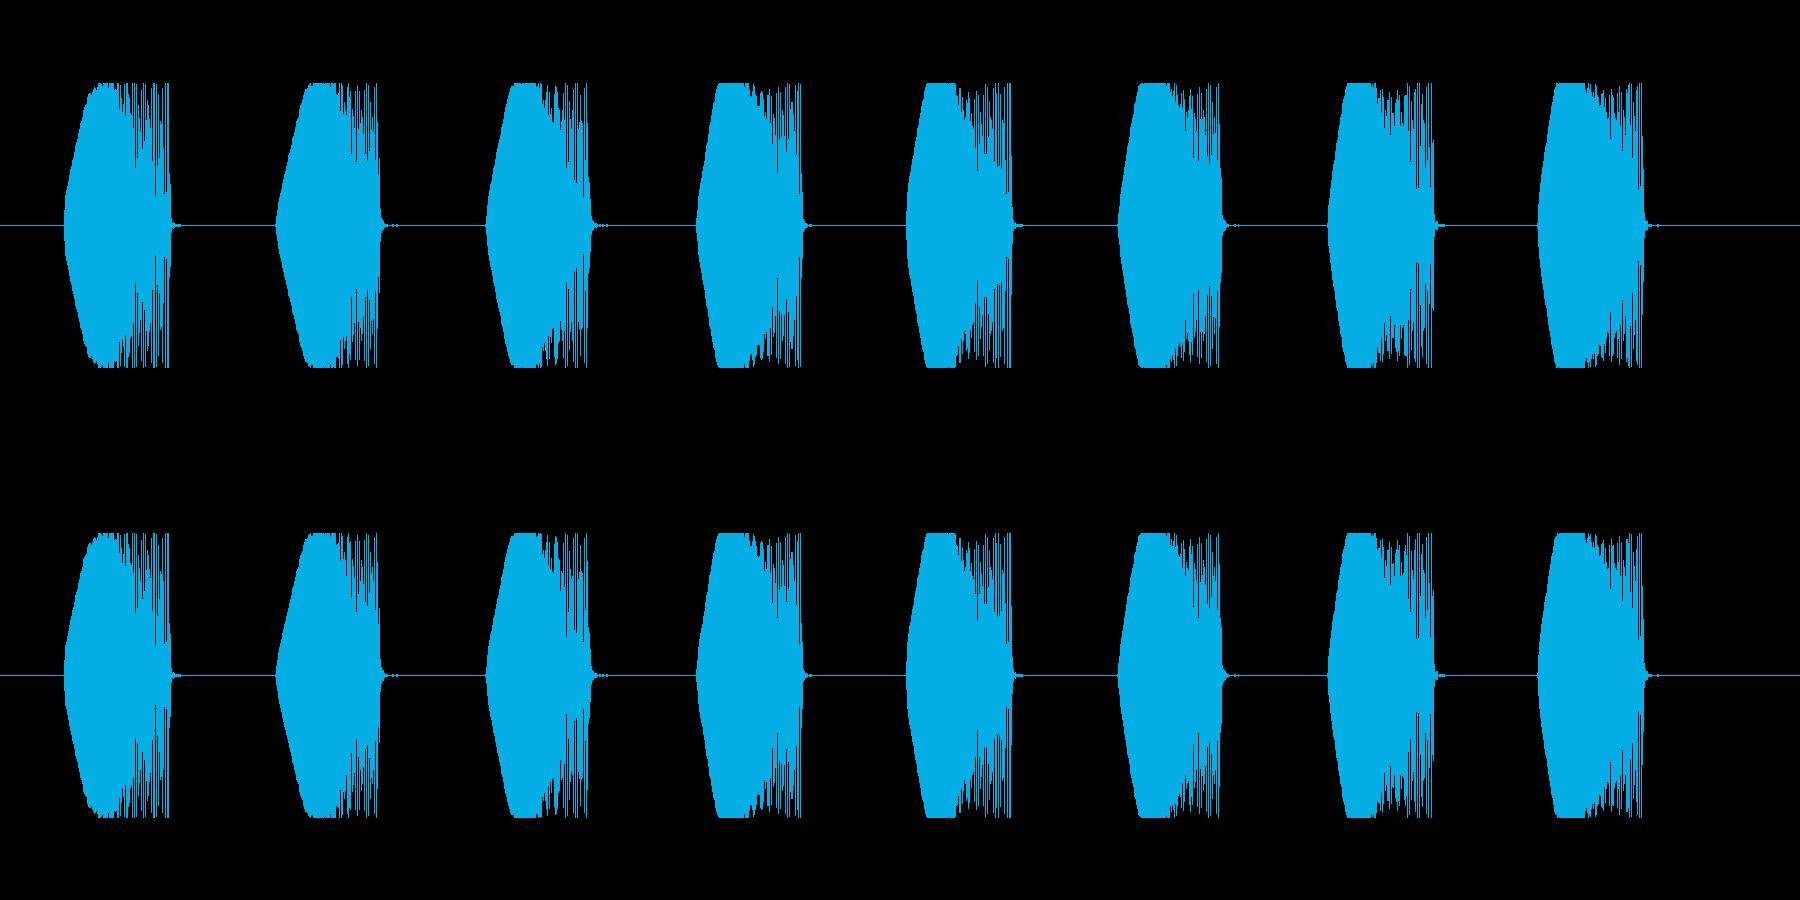 ビーム効果音 A-2 連射 ダダ ビビの再生済みの波形